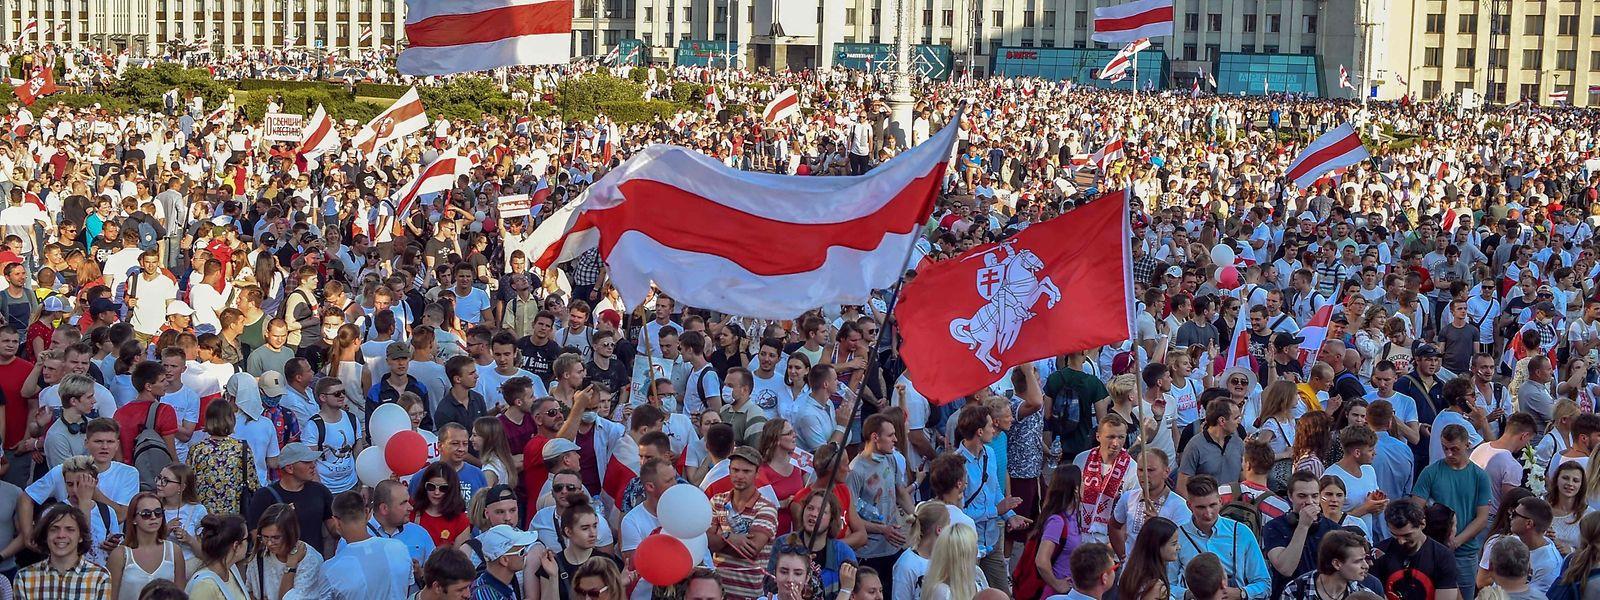 """Am Sonntag fanden in Belarus wieder Massenproteste statt. Der als """"letzter Diktator Europas"""" kritisierte Lukaschenko zeigt sich bisher weitgehend unbeeindruckt von den Protesten."""